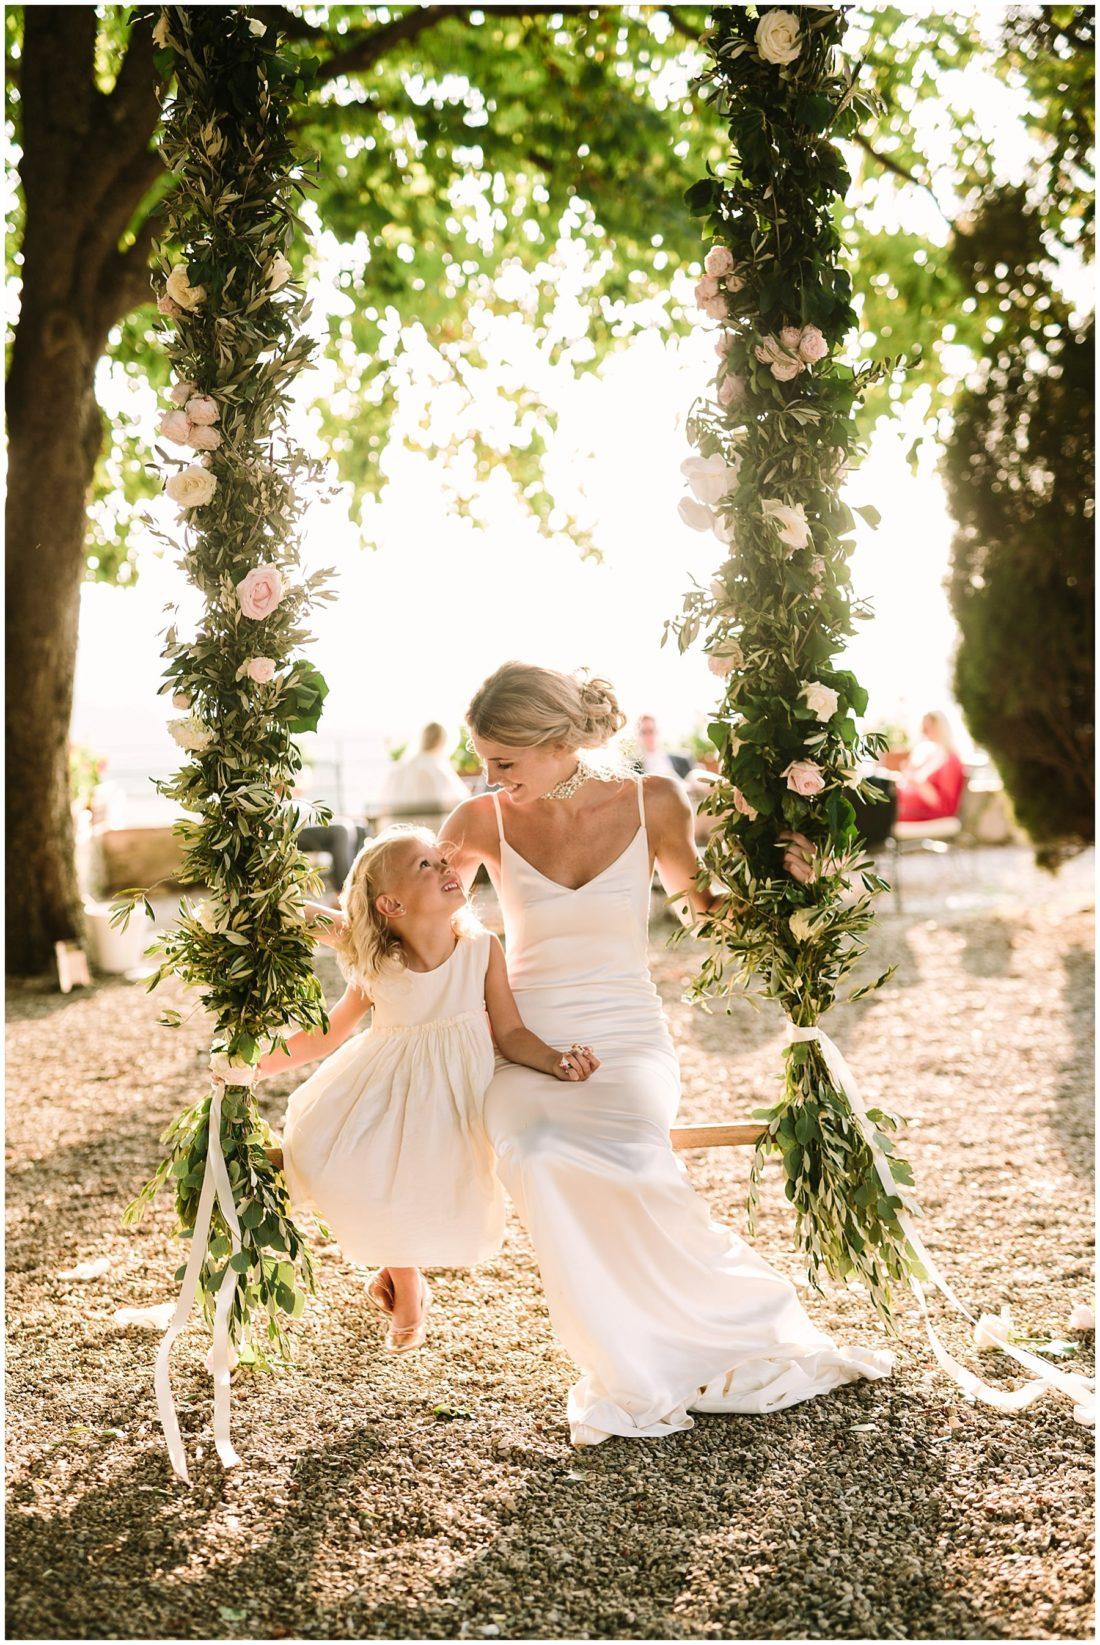 Matrimonio Tema Toscana : Fotografia di matrimonio in toscana fotografi professionisti di